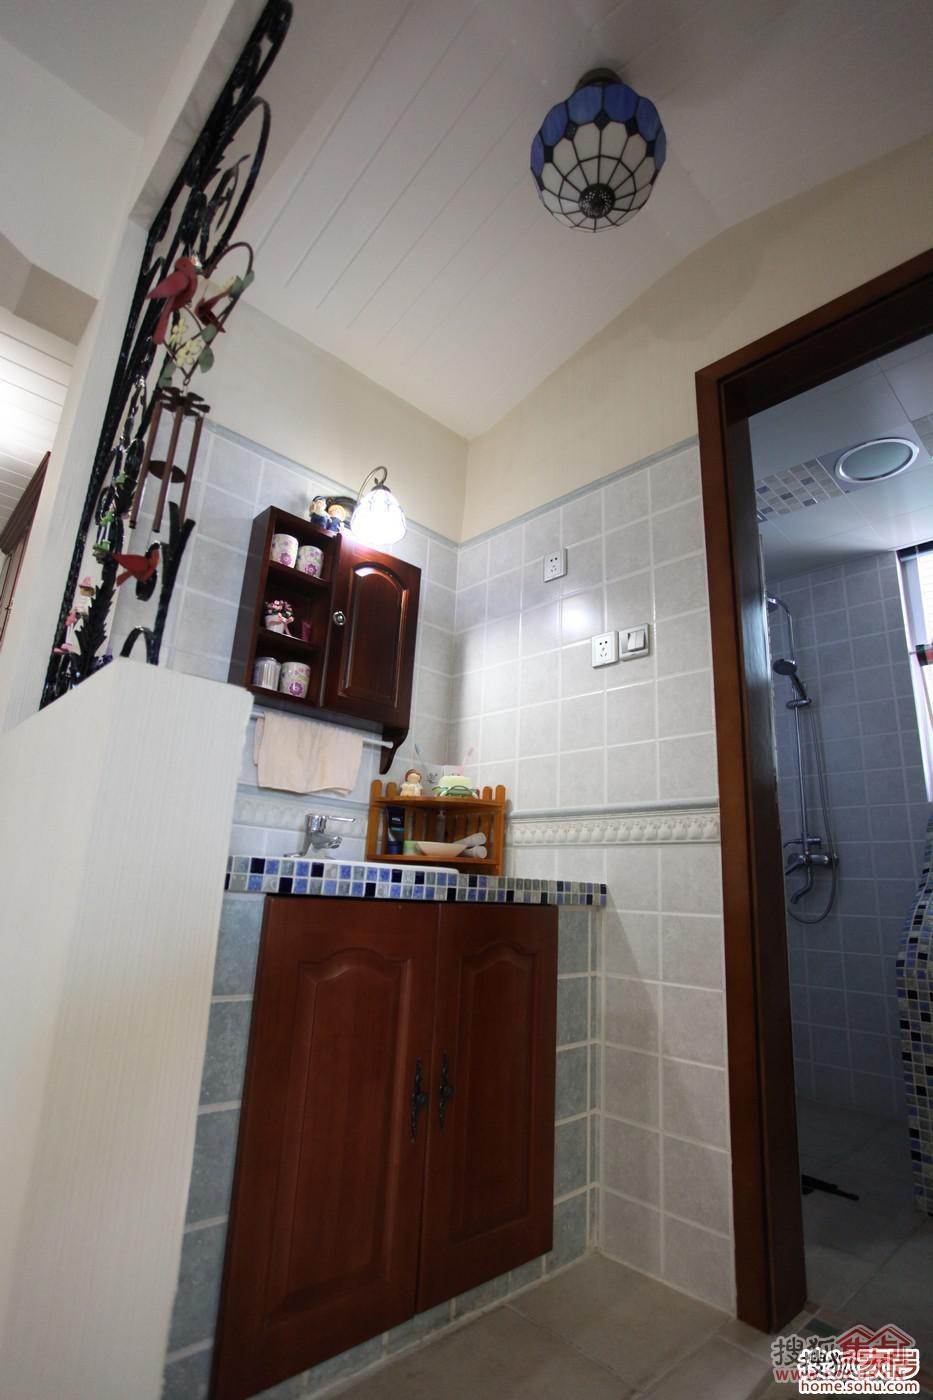 马上有家 卫生间装修攻略 巧心思打造完美卫浴空间 高清图片